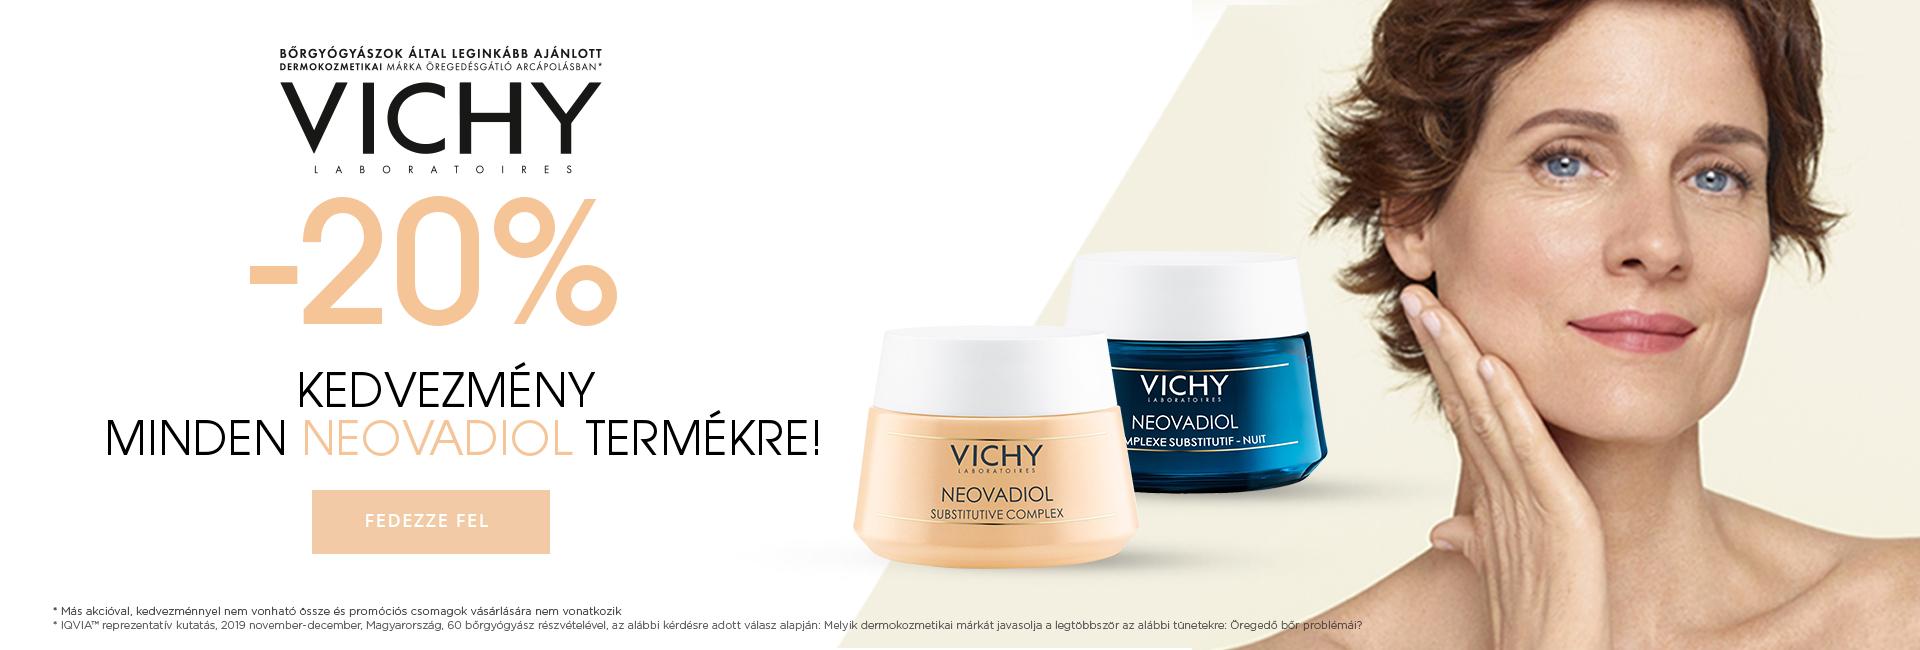 2020. április 9-15. között minden Vichy Neovadiol terméket 20% kedvezménnyel kínálunk!